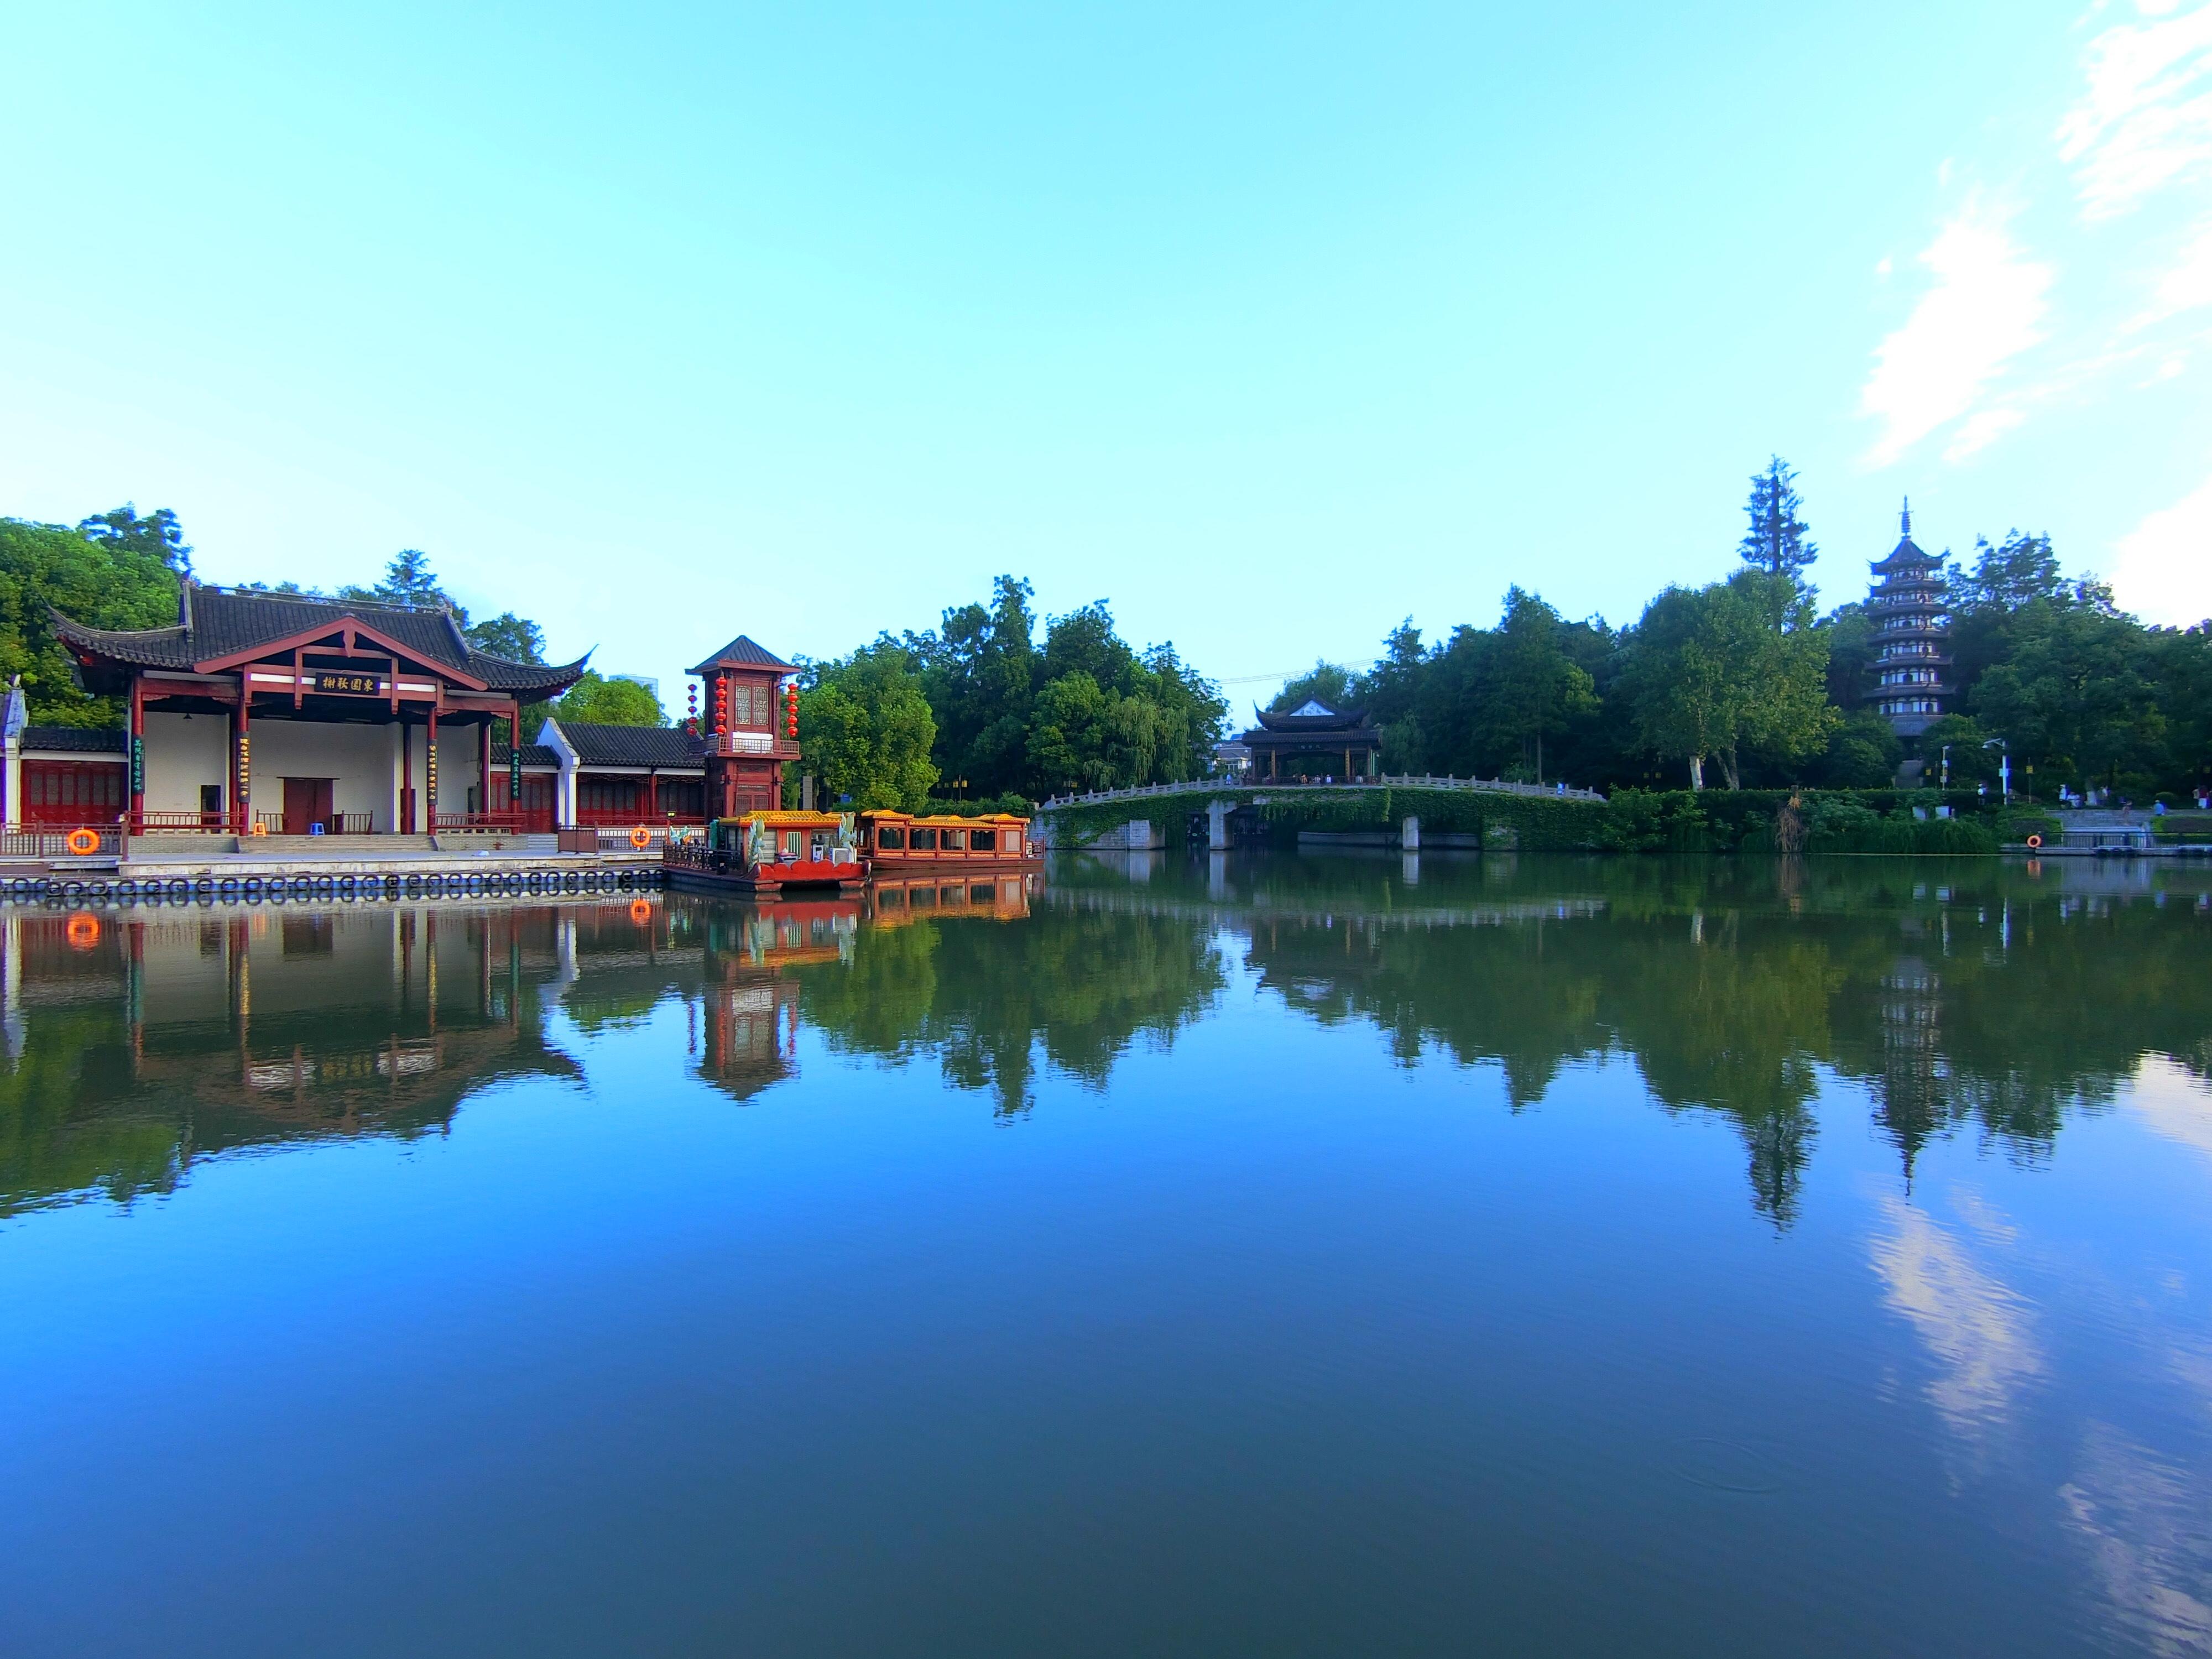 厦门白鹭洲公园 Bai Lu Zhou Park in Nanjing